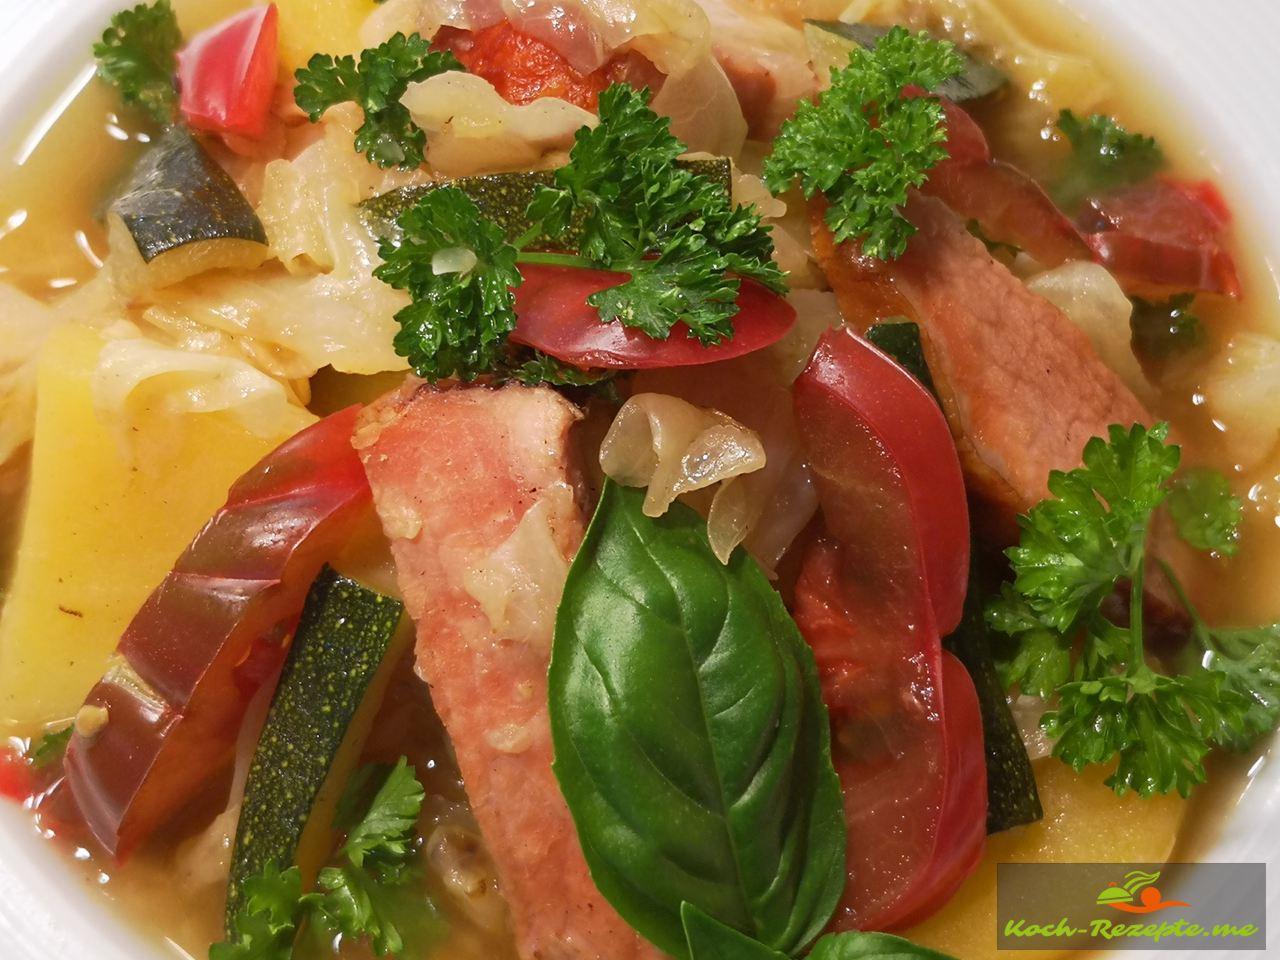 Spitzkohl mit Kassler Eintopf mit Kartoffeln, Zwiebeln, Zucchini